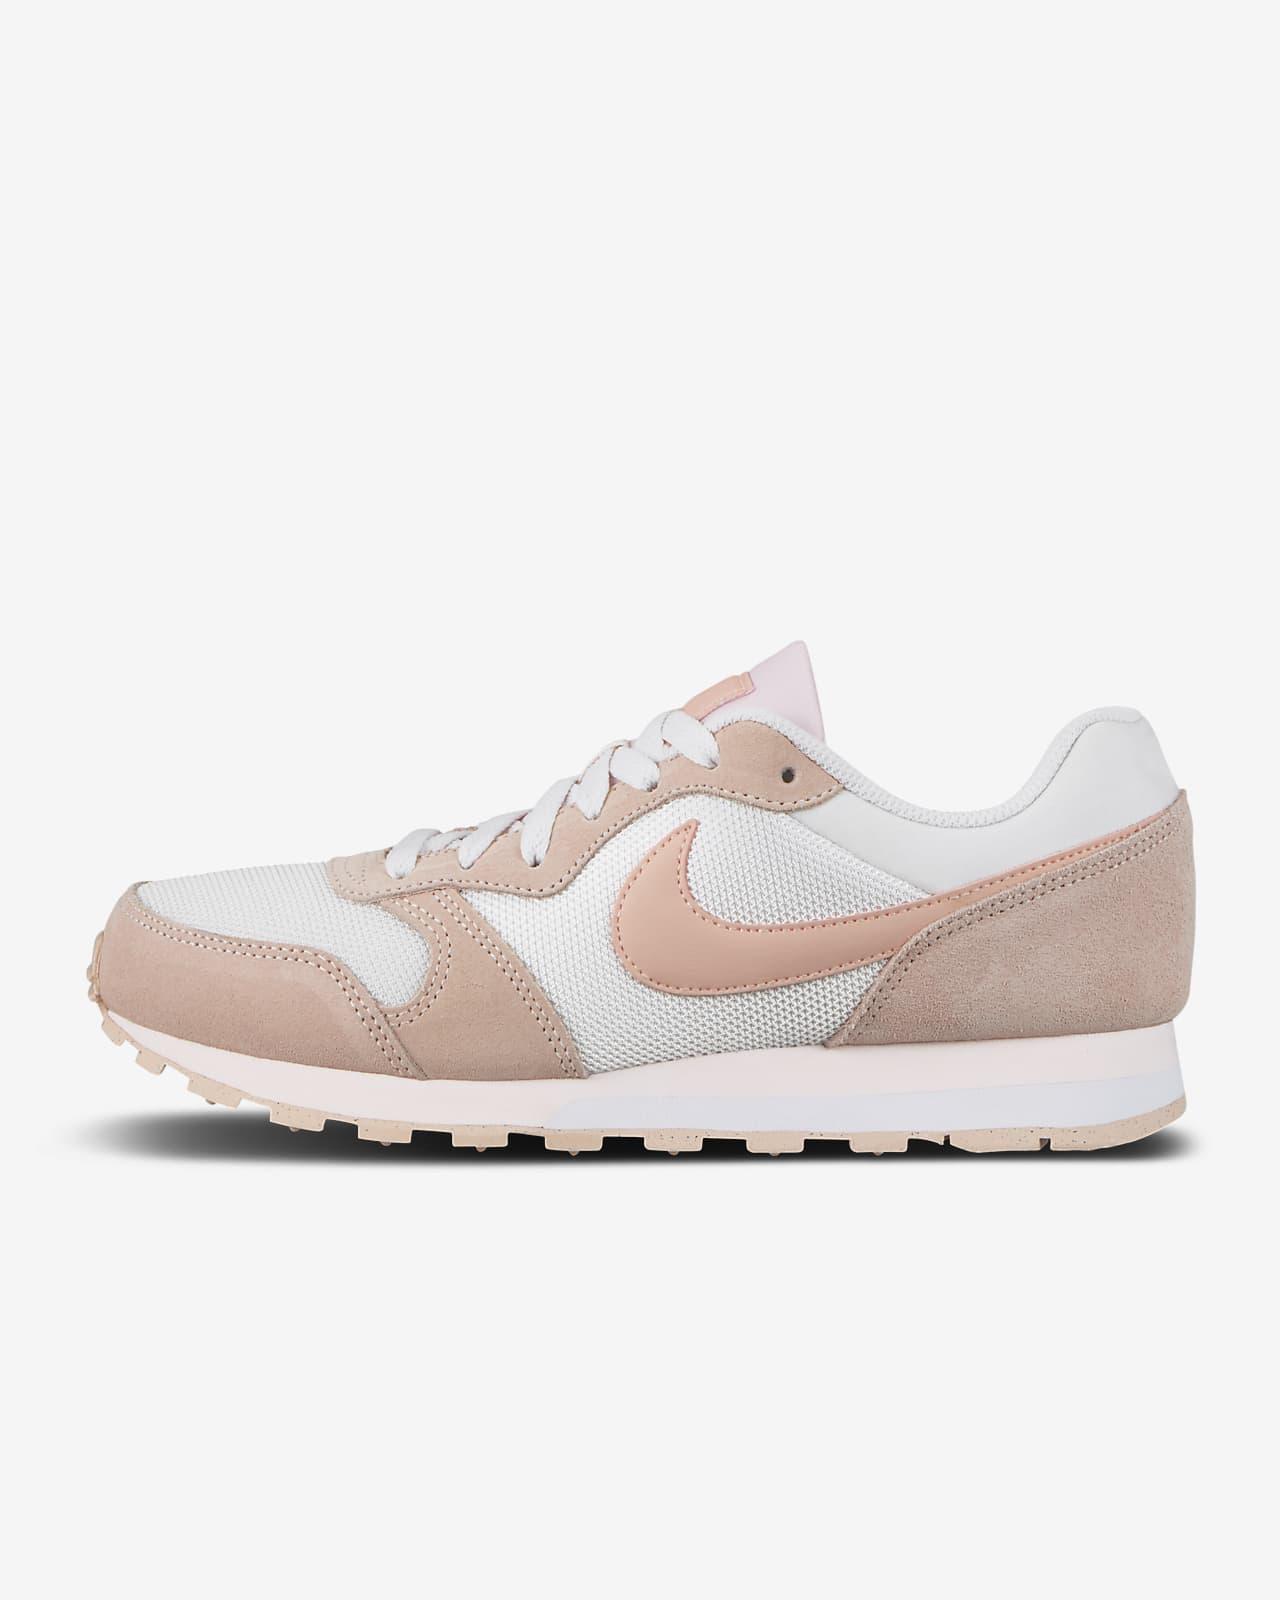 Nike MD Runner 2 Women's Shoe. Nike LU